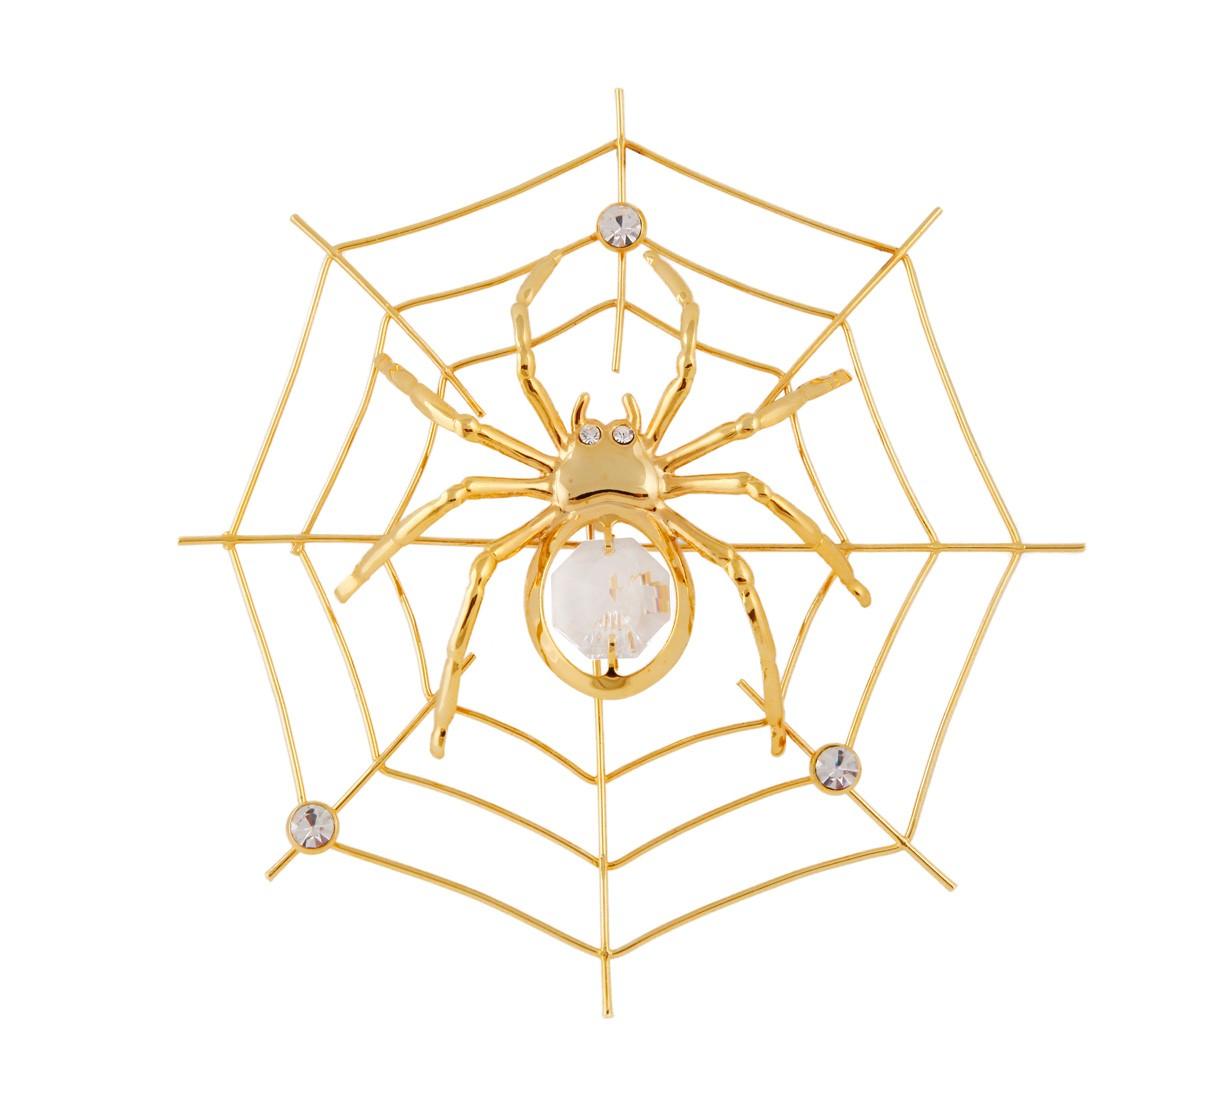 Paianjen cu Cristale Swarovski - placat cu Aur 24K